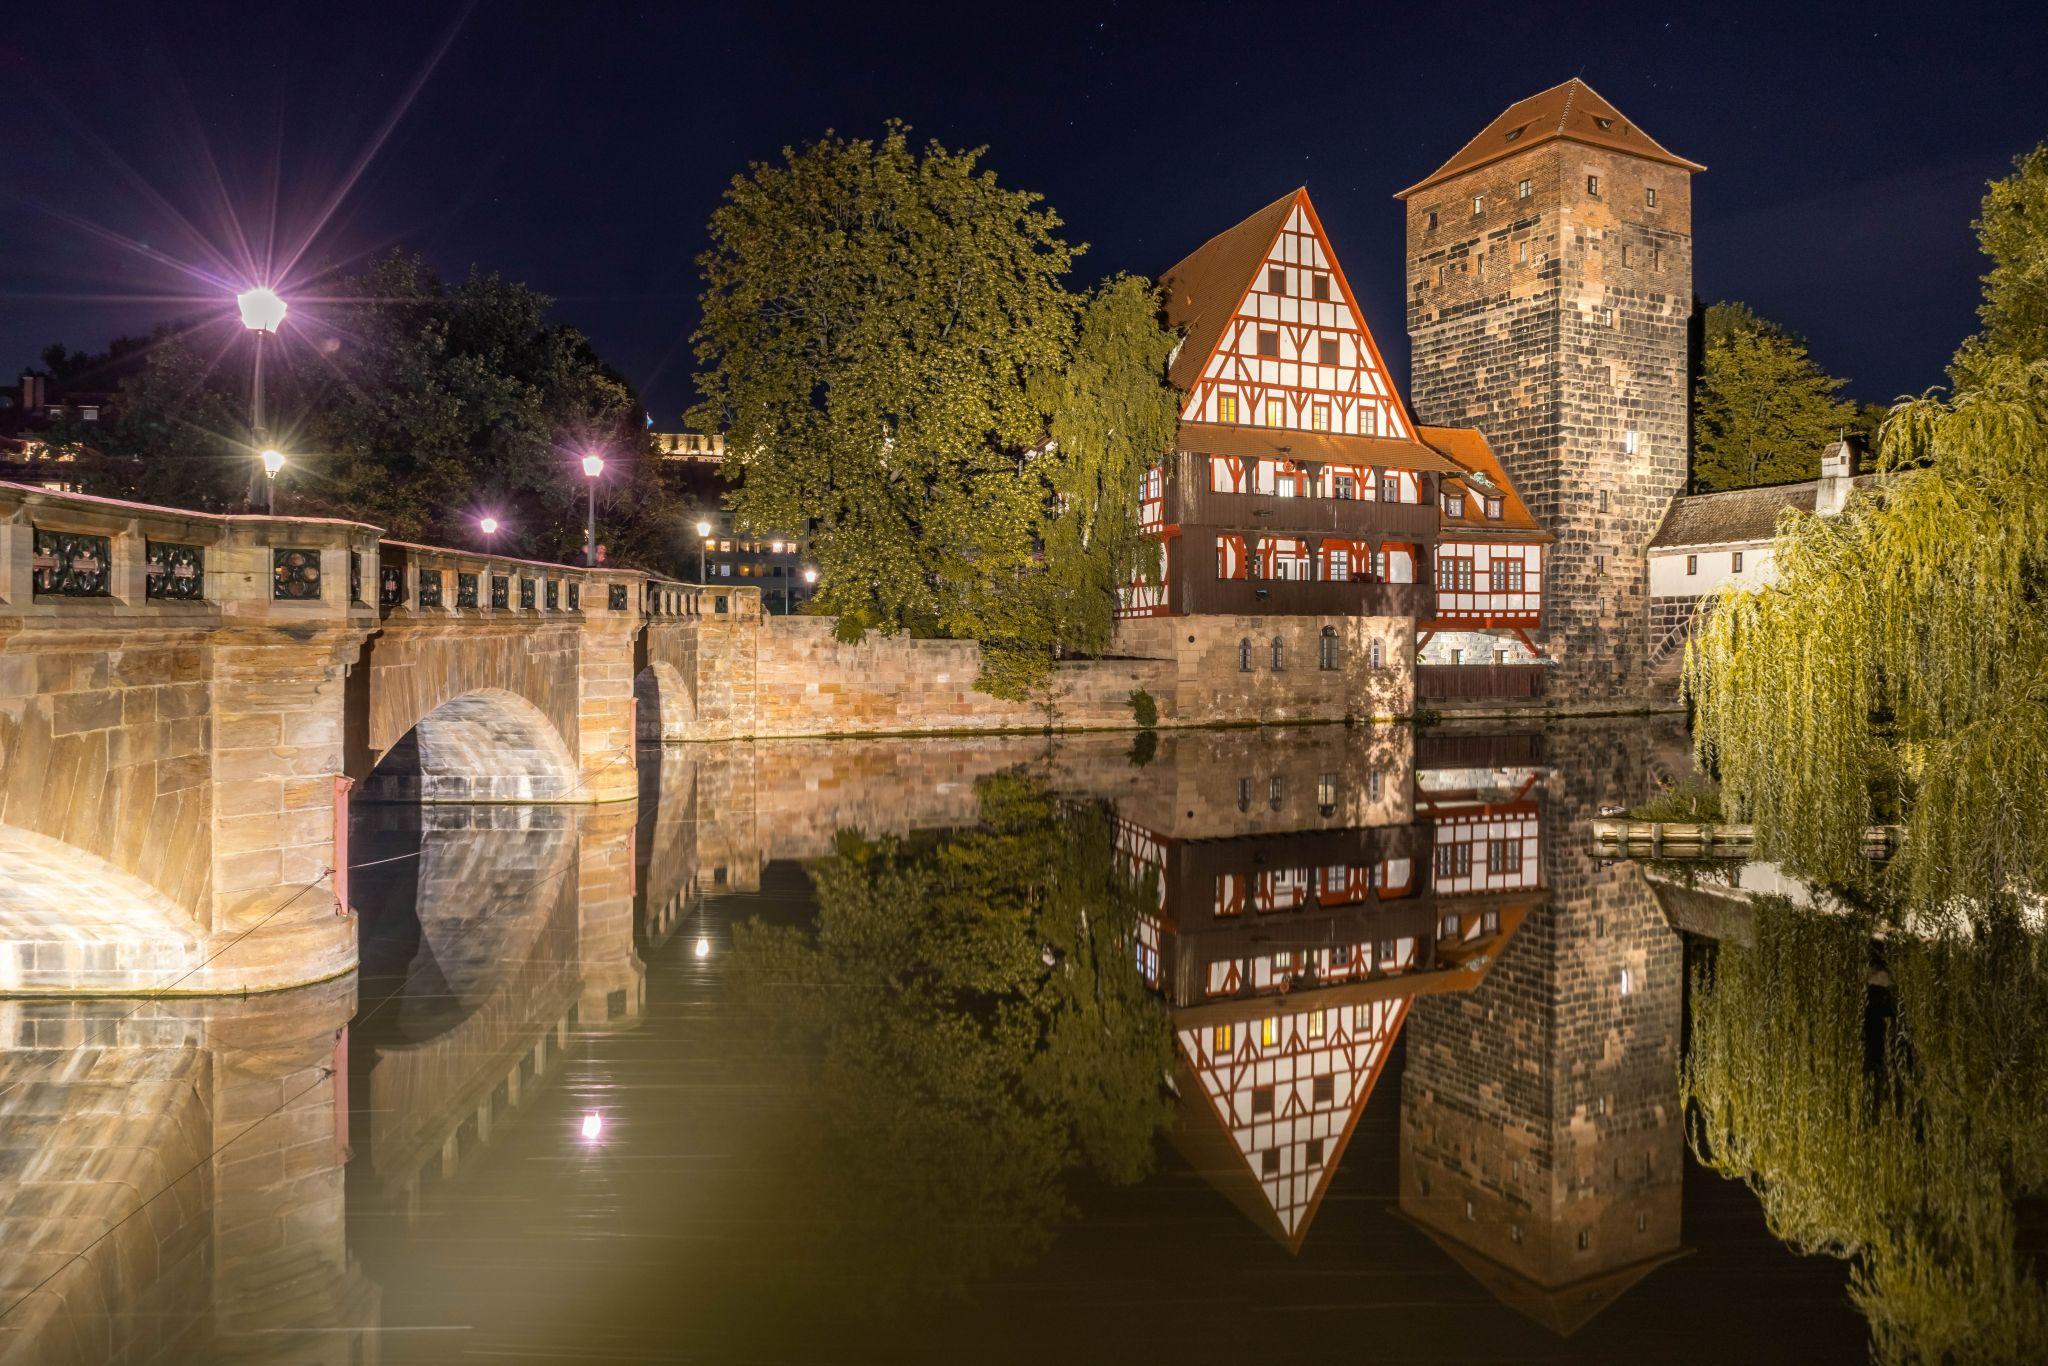 Nuremberg Old Town, Germany